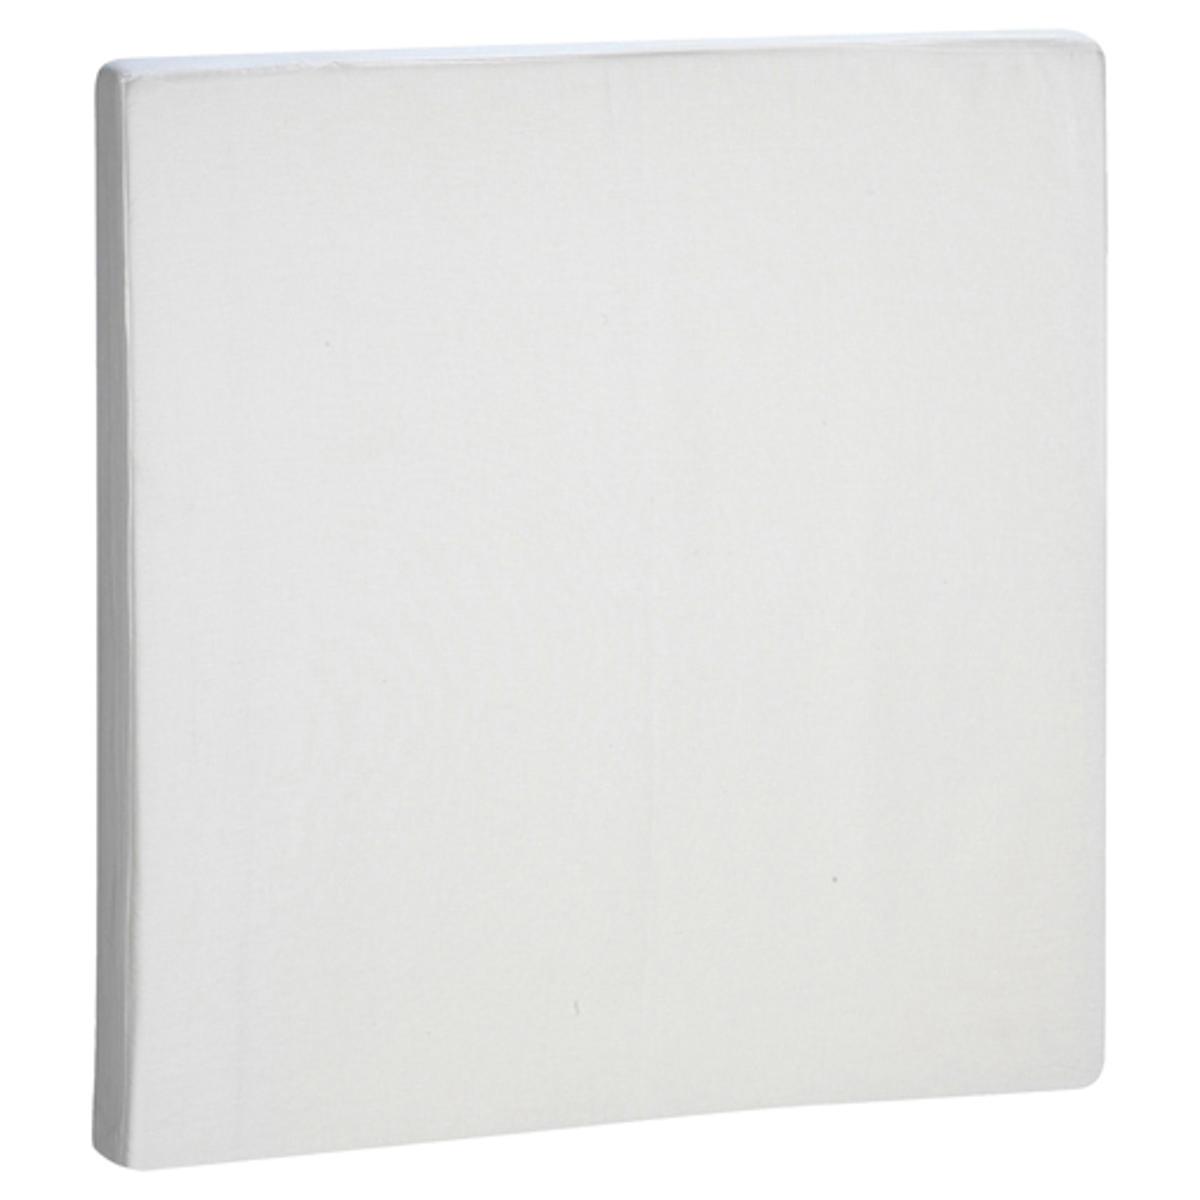 Чехол для изголовья кровати Stadia, 100% лен, высота 95 смСпециально создан для изголовья кровати STADIA и идеально подходит к чехлу для основы под матрас TOURIL. 100% лен.Размер : высота - 95 см, ширина - 10 см.Стирка при 40°С.<br><br>Цвет: белый